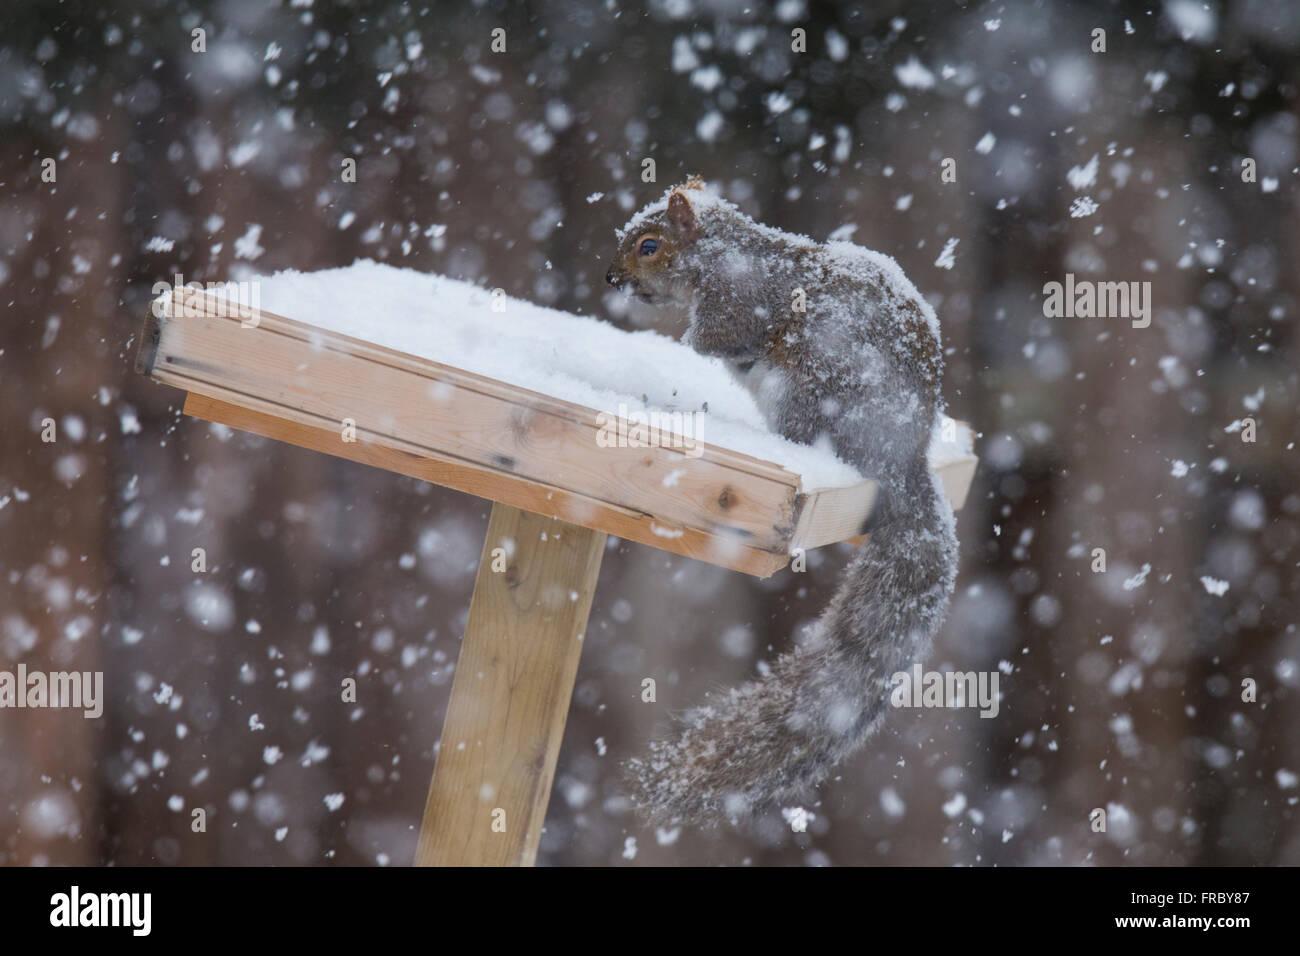 Grey Squirrel (Sciurus hudsonicus) in winter storm - Stock Image